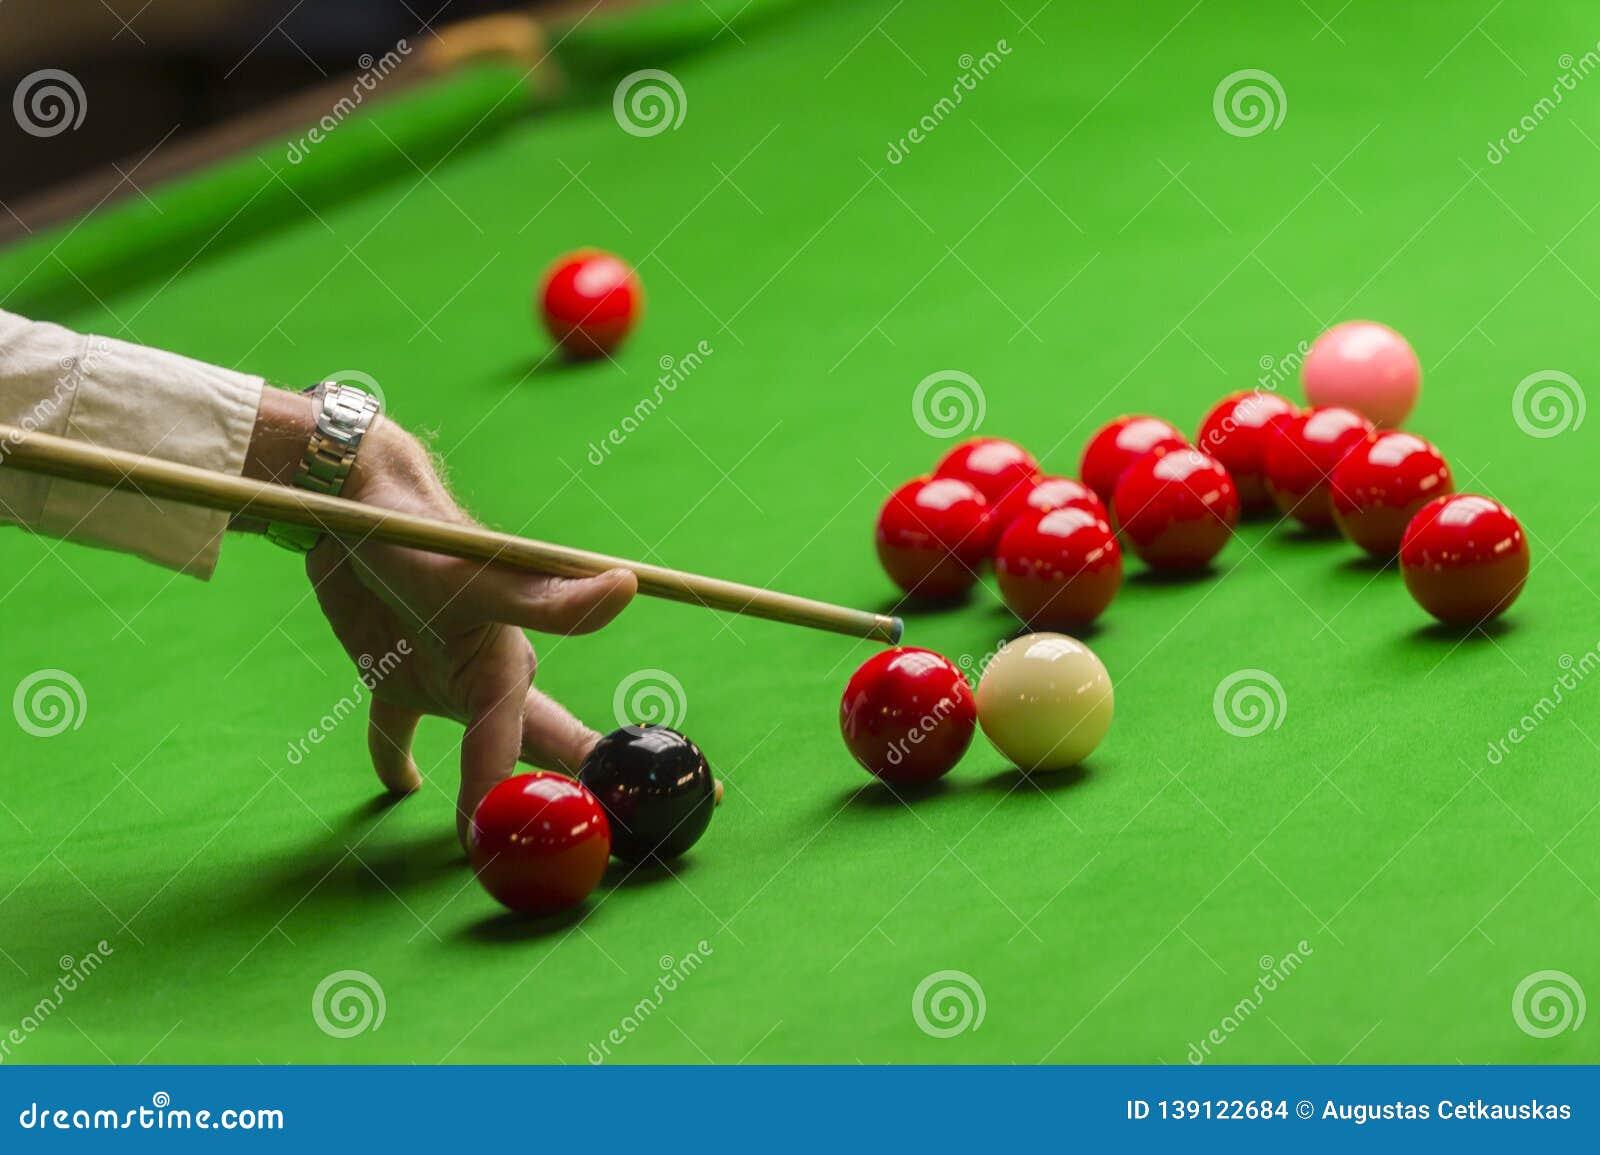 Snooker Spielen